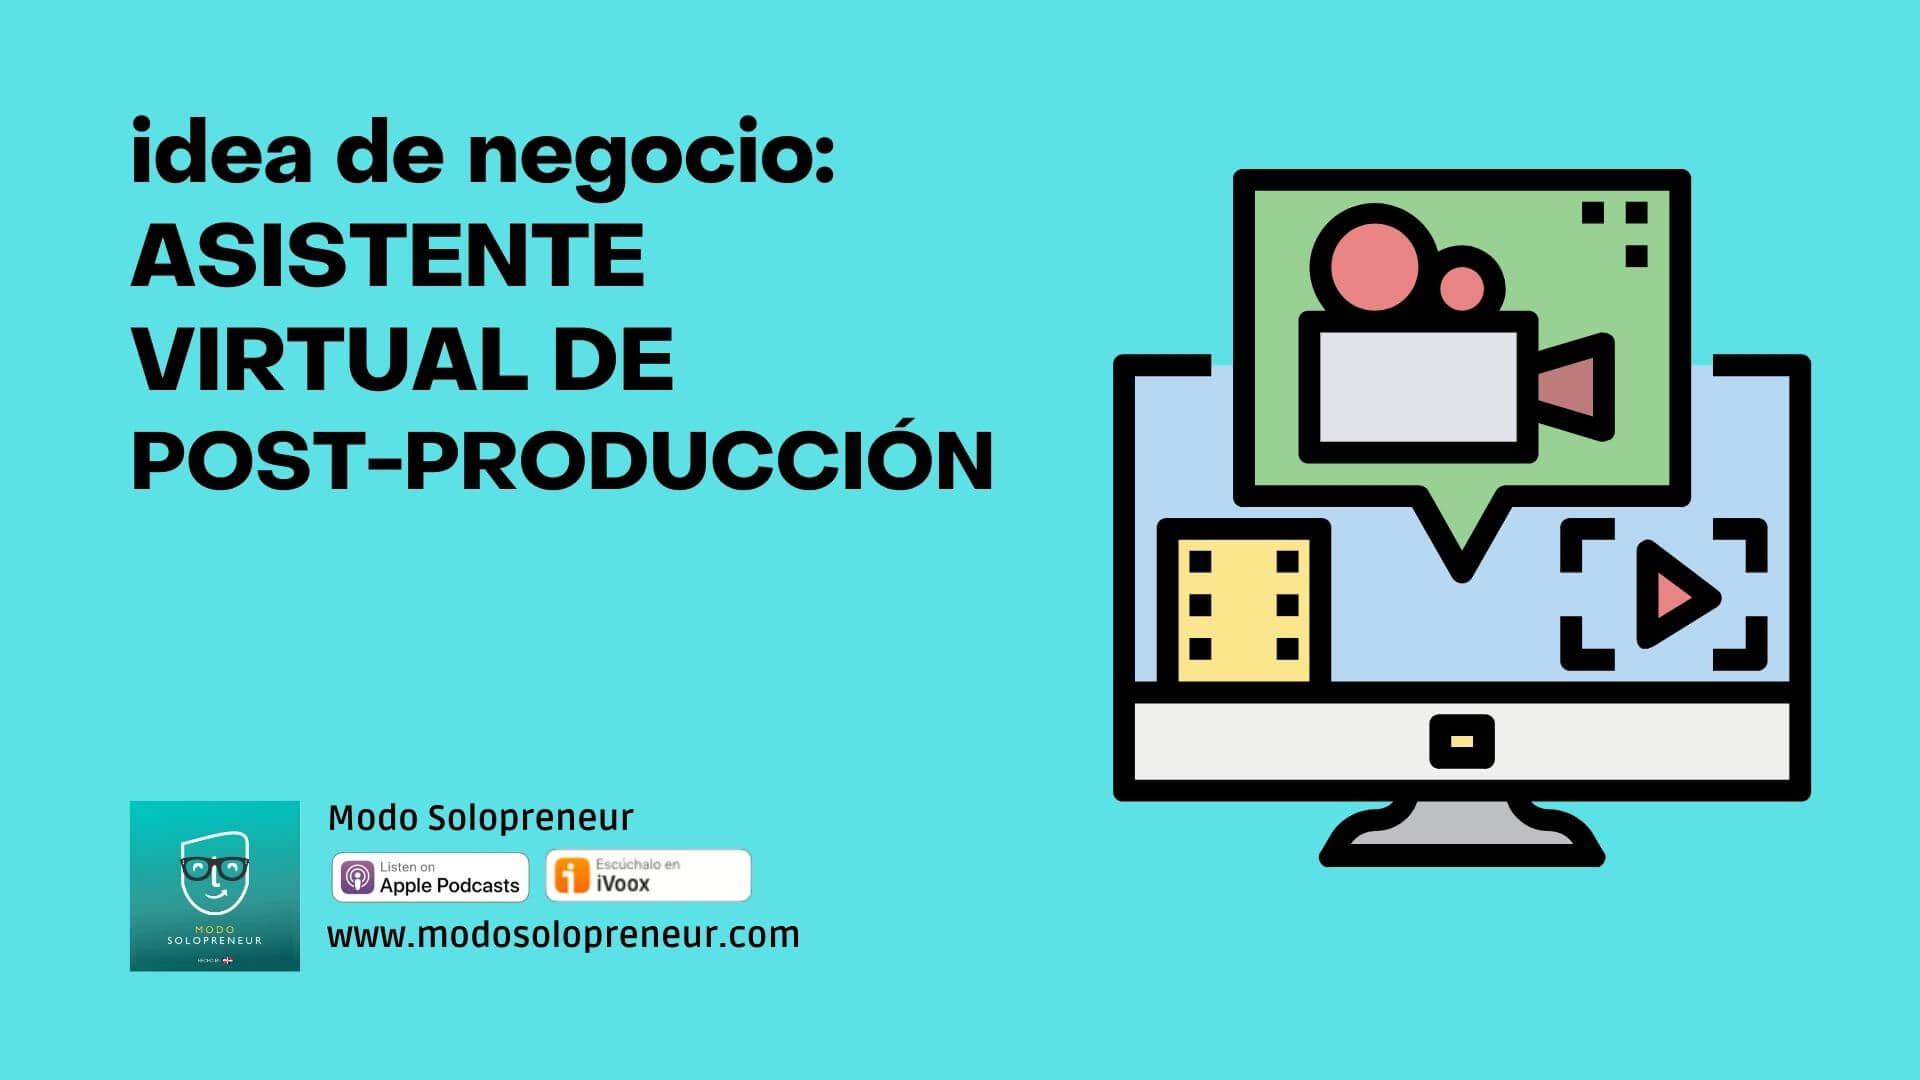 Asistente Virtual de Post-producción